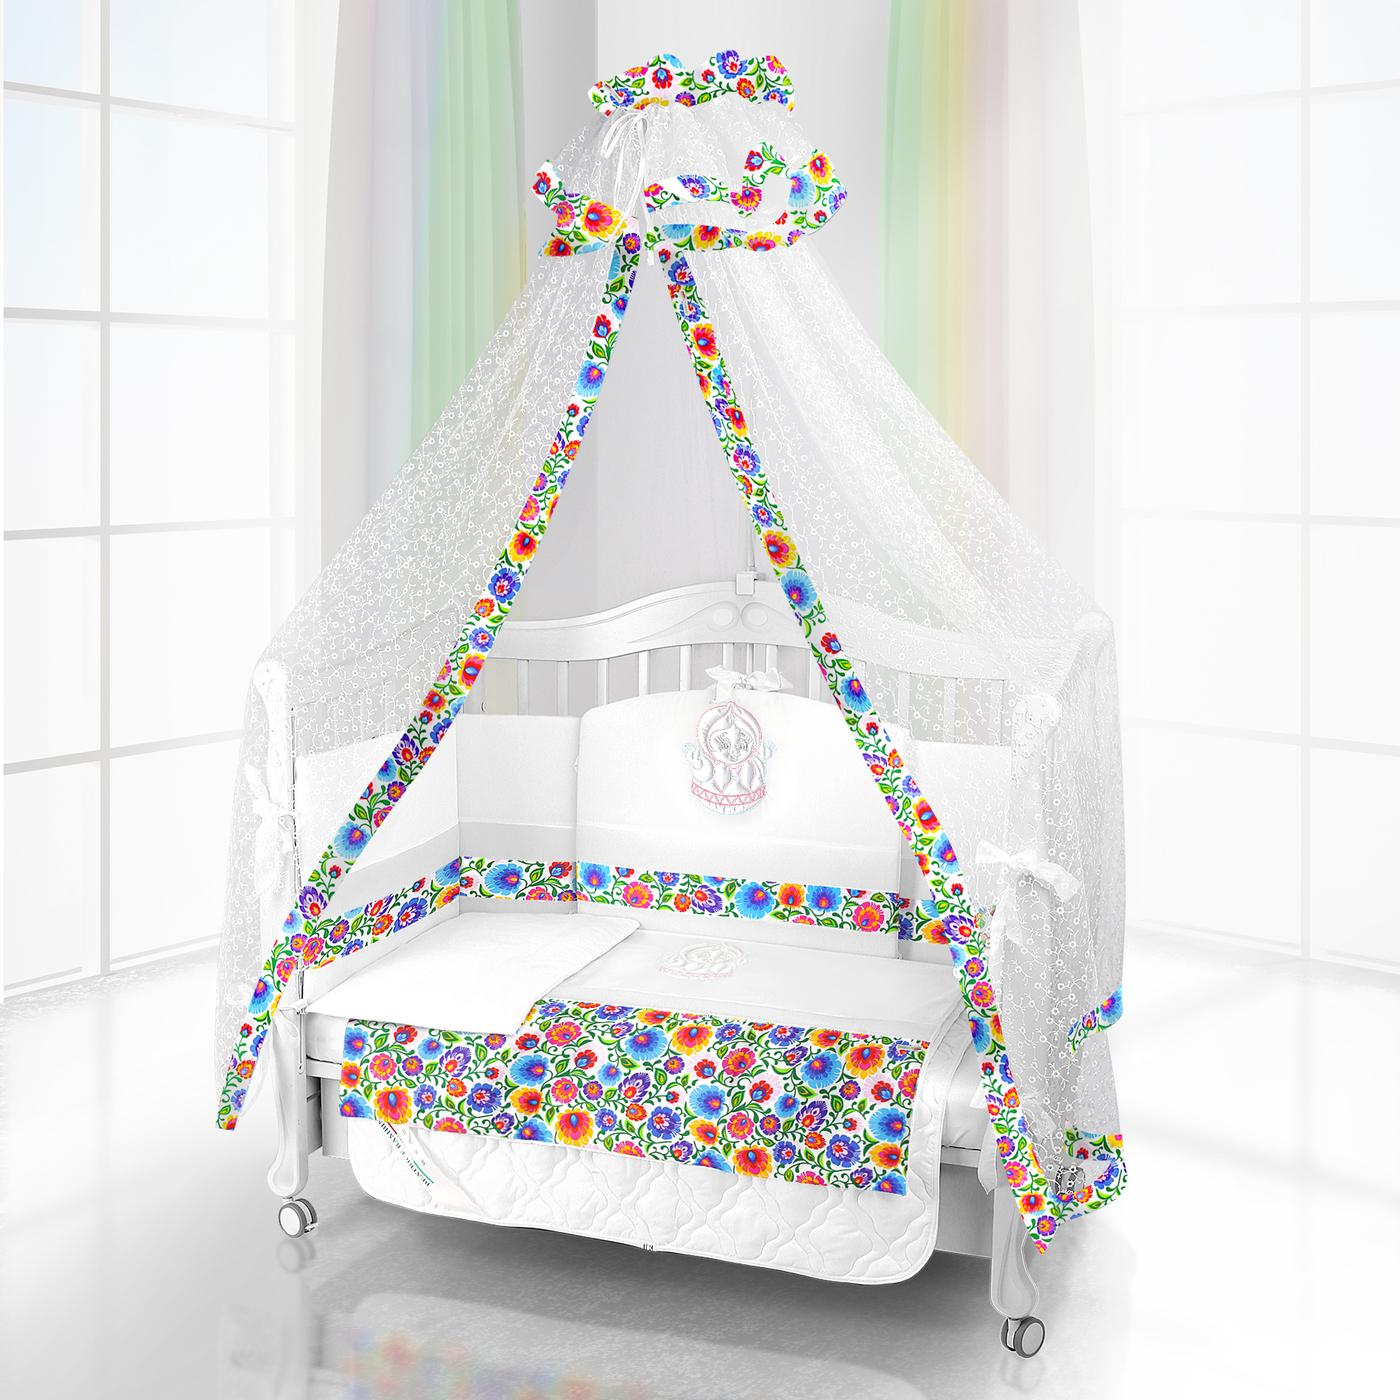 Комплект постельного белья Beatrice Bambini Unico Bambola (125х65) - Unico Bambola